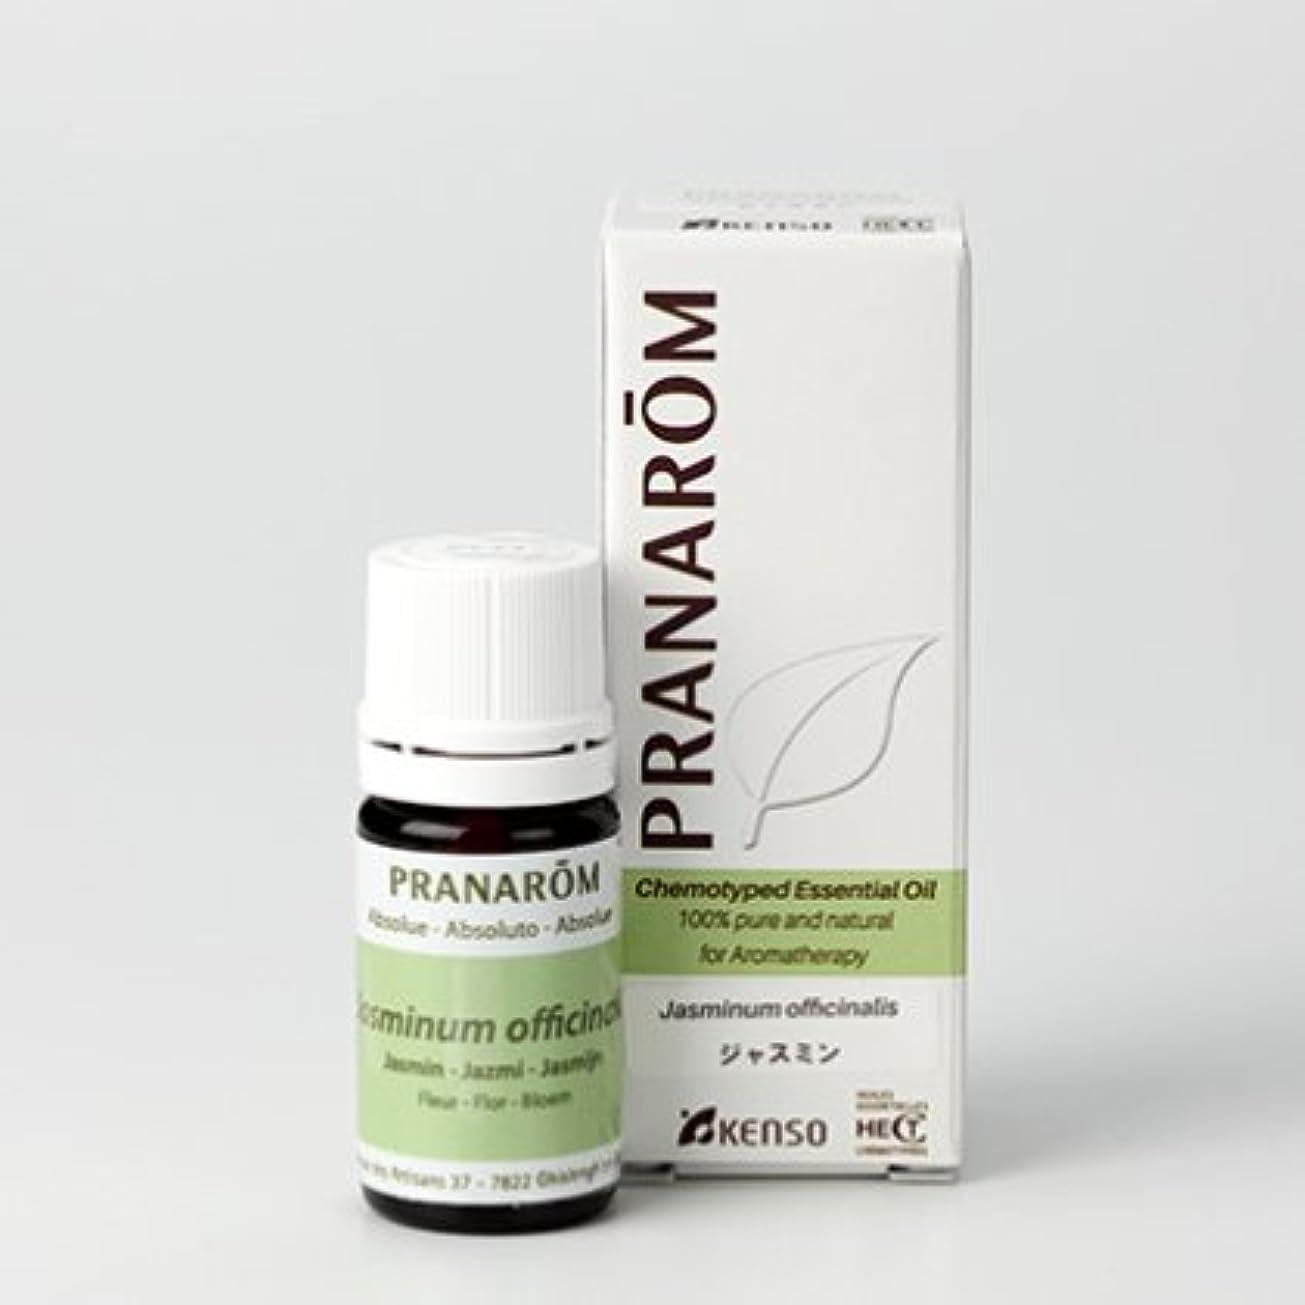 骨髄現代広々ジャスミン 5mlミドルノート プラナロム社エッセンシャルオイル(精油)